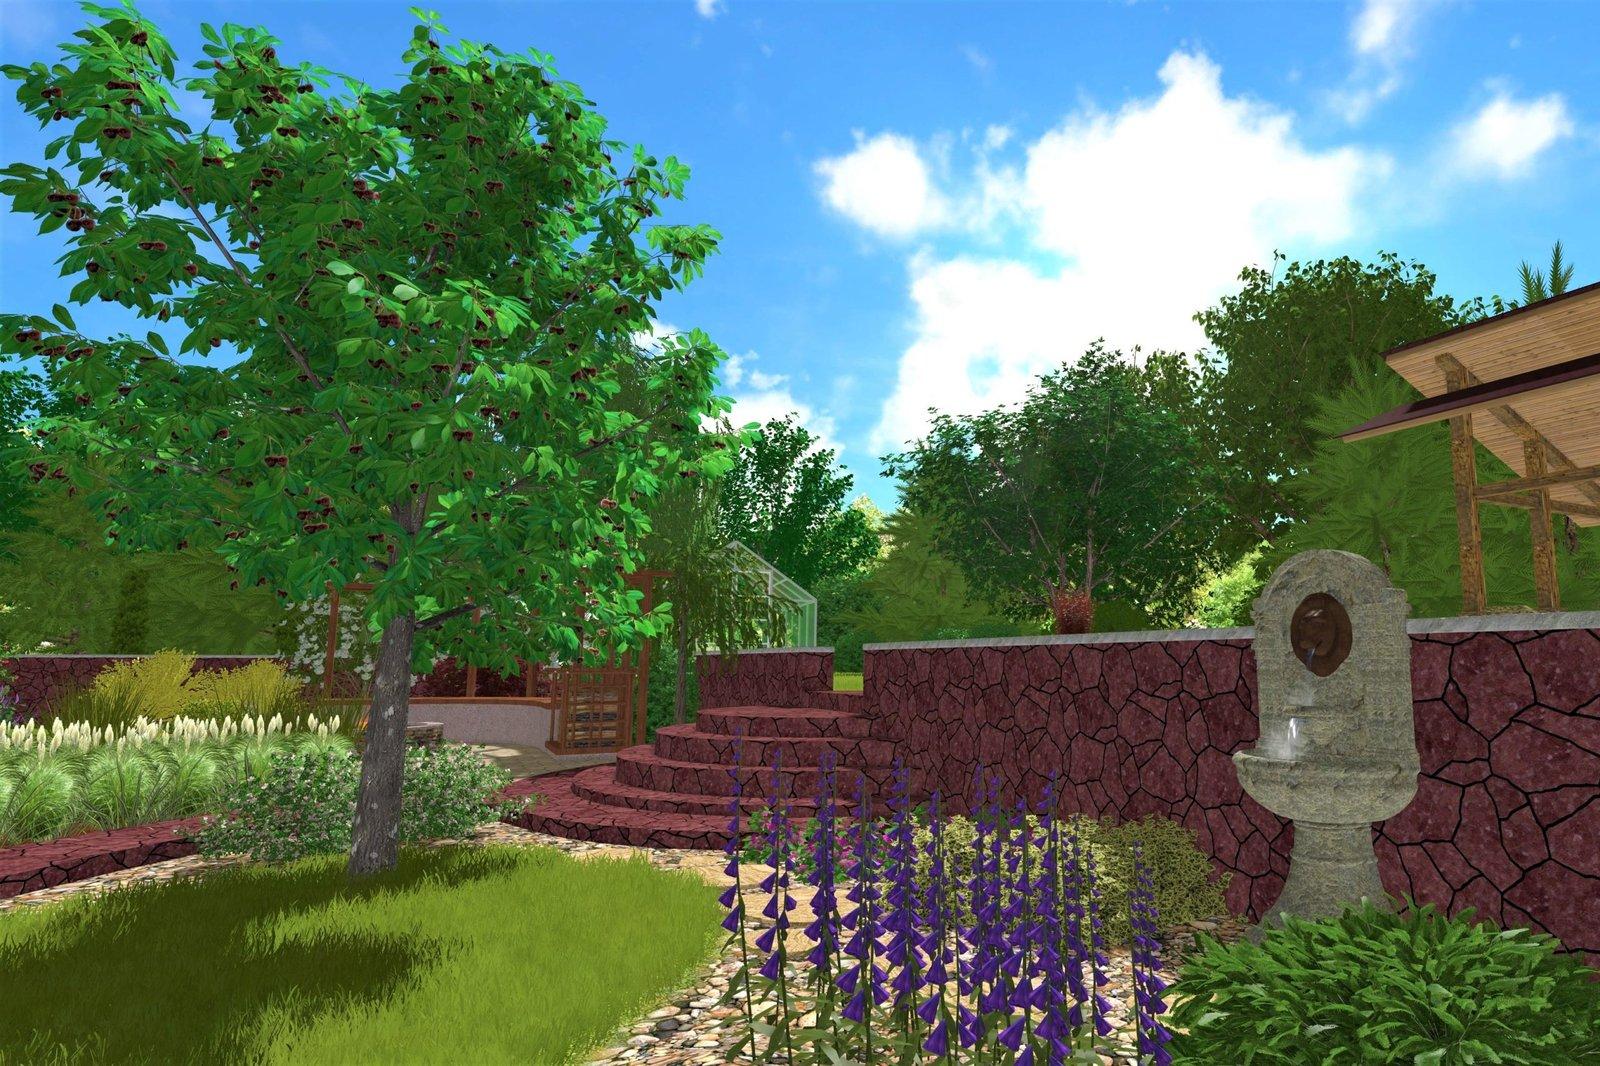 проект фонтанчика в ландшафтном дизайне, проект поильничка в ландшафтном дизайне, проект рукомойника в саду, проект поильника для птиц в саду